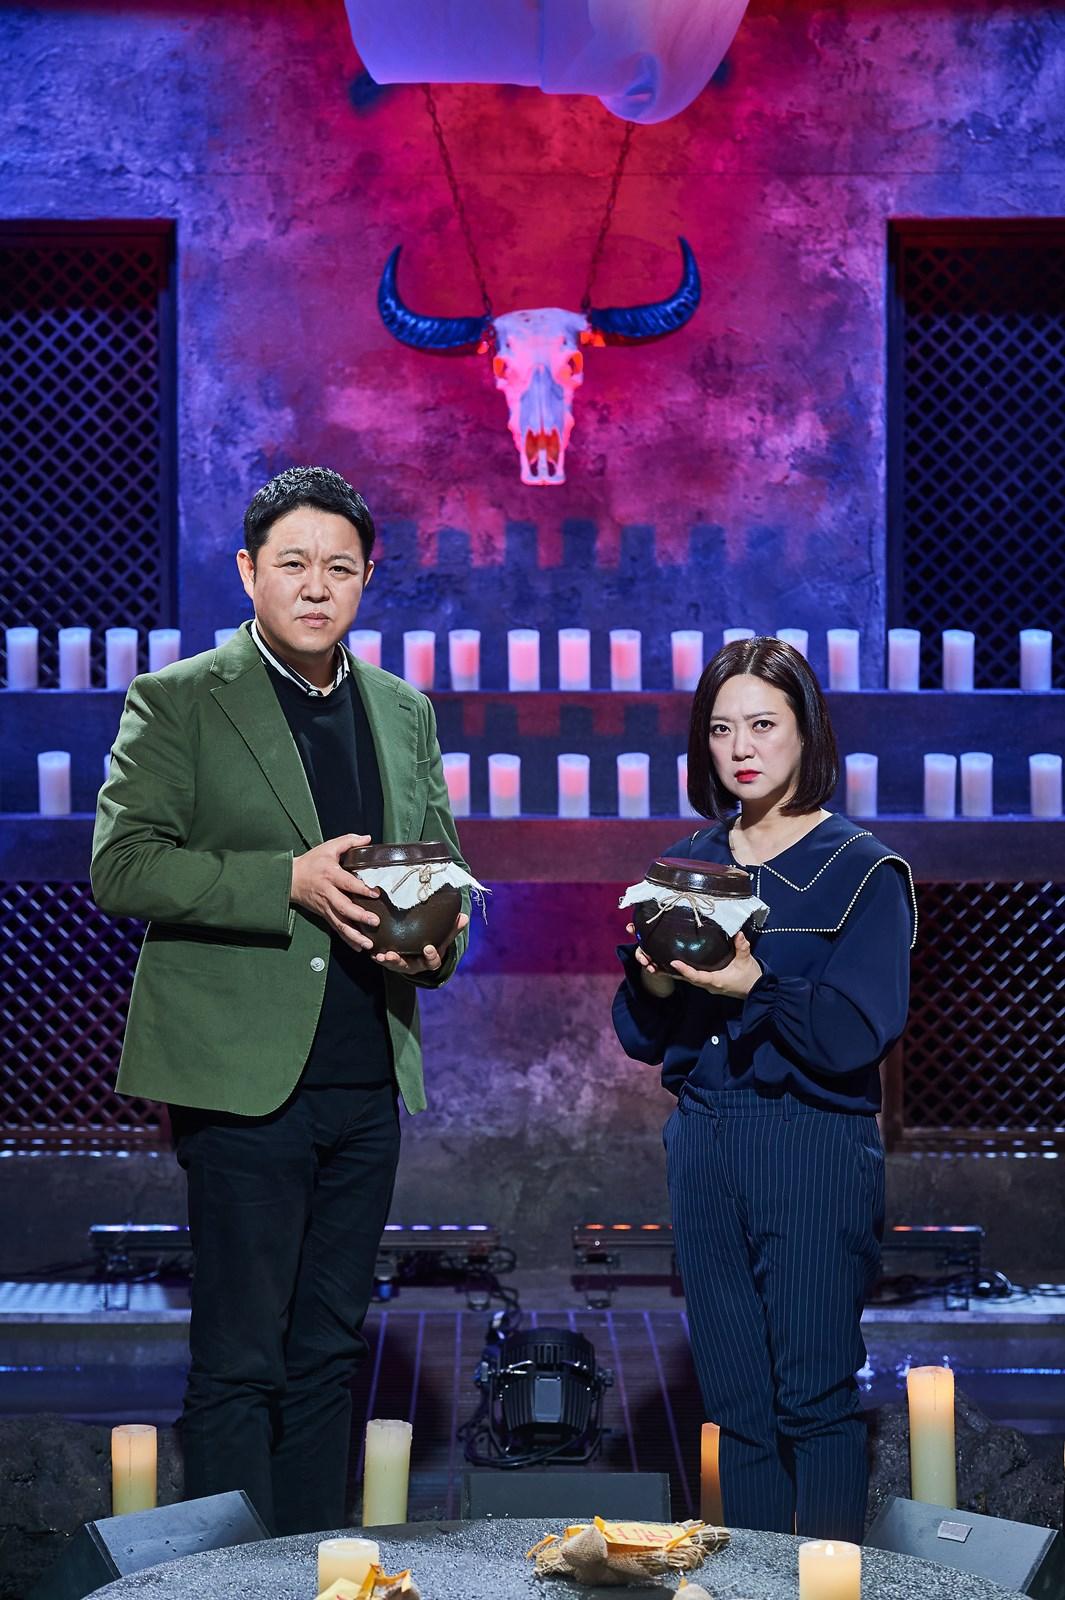 김구라, 정규 편성 \'심야괴담회\' 새 MC (공식)